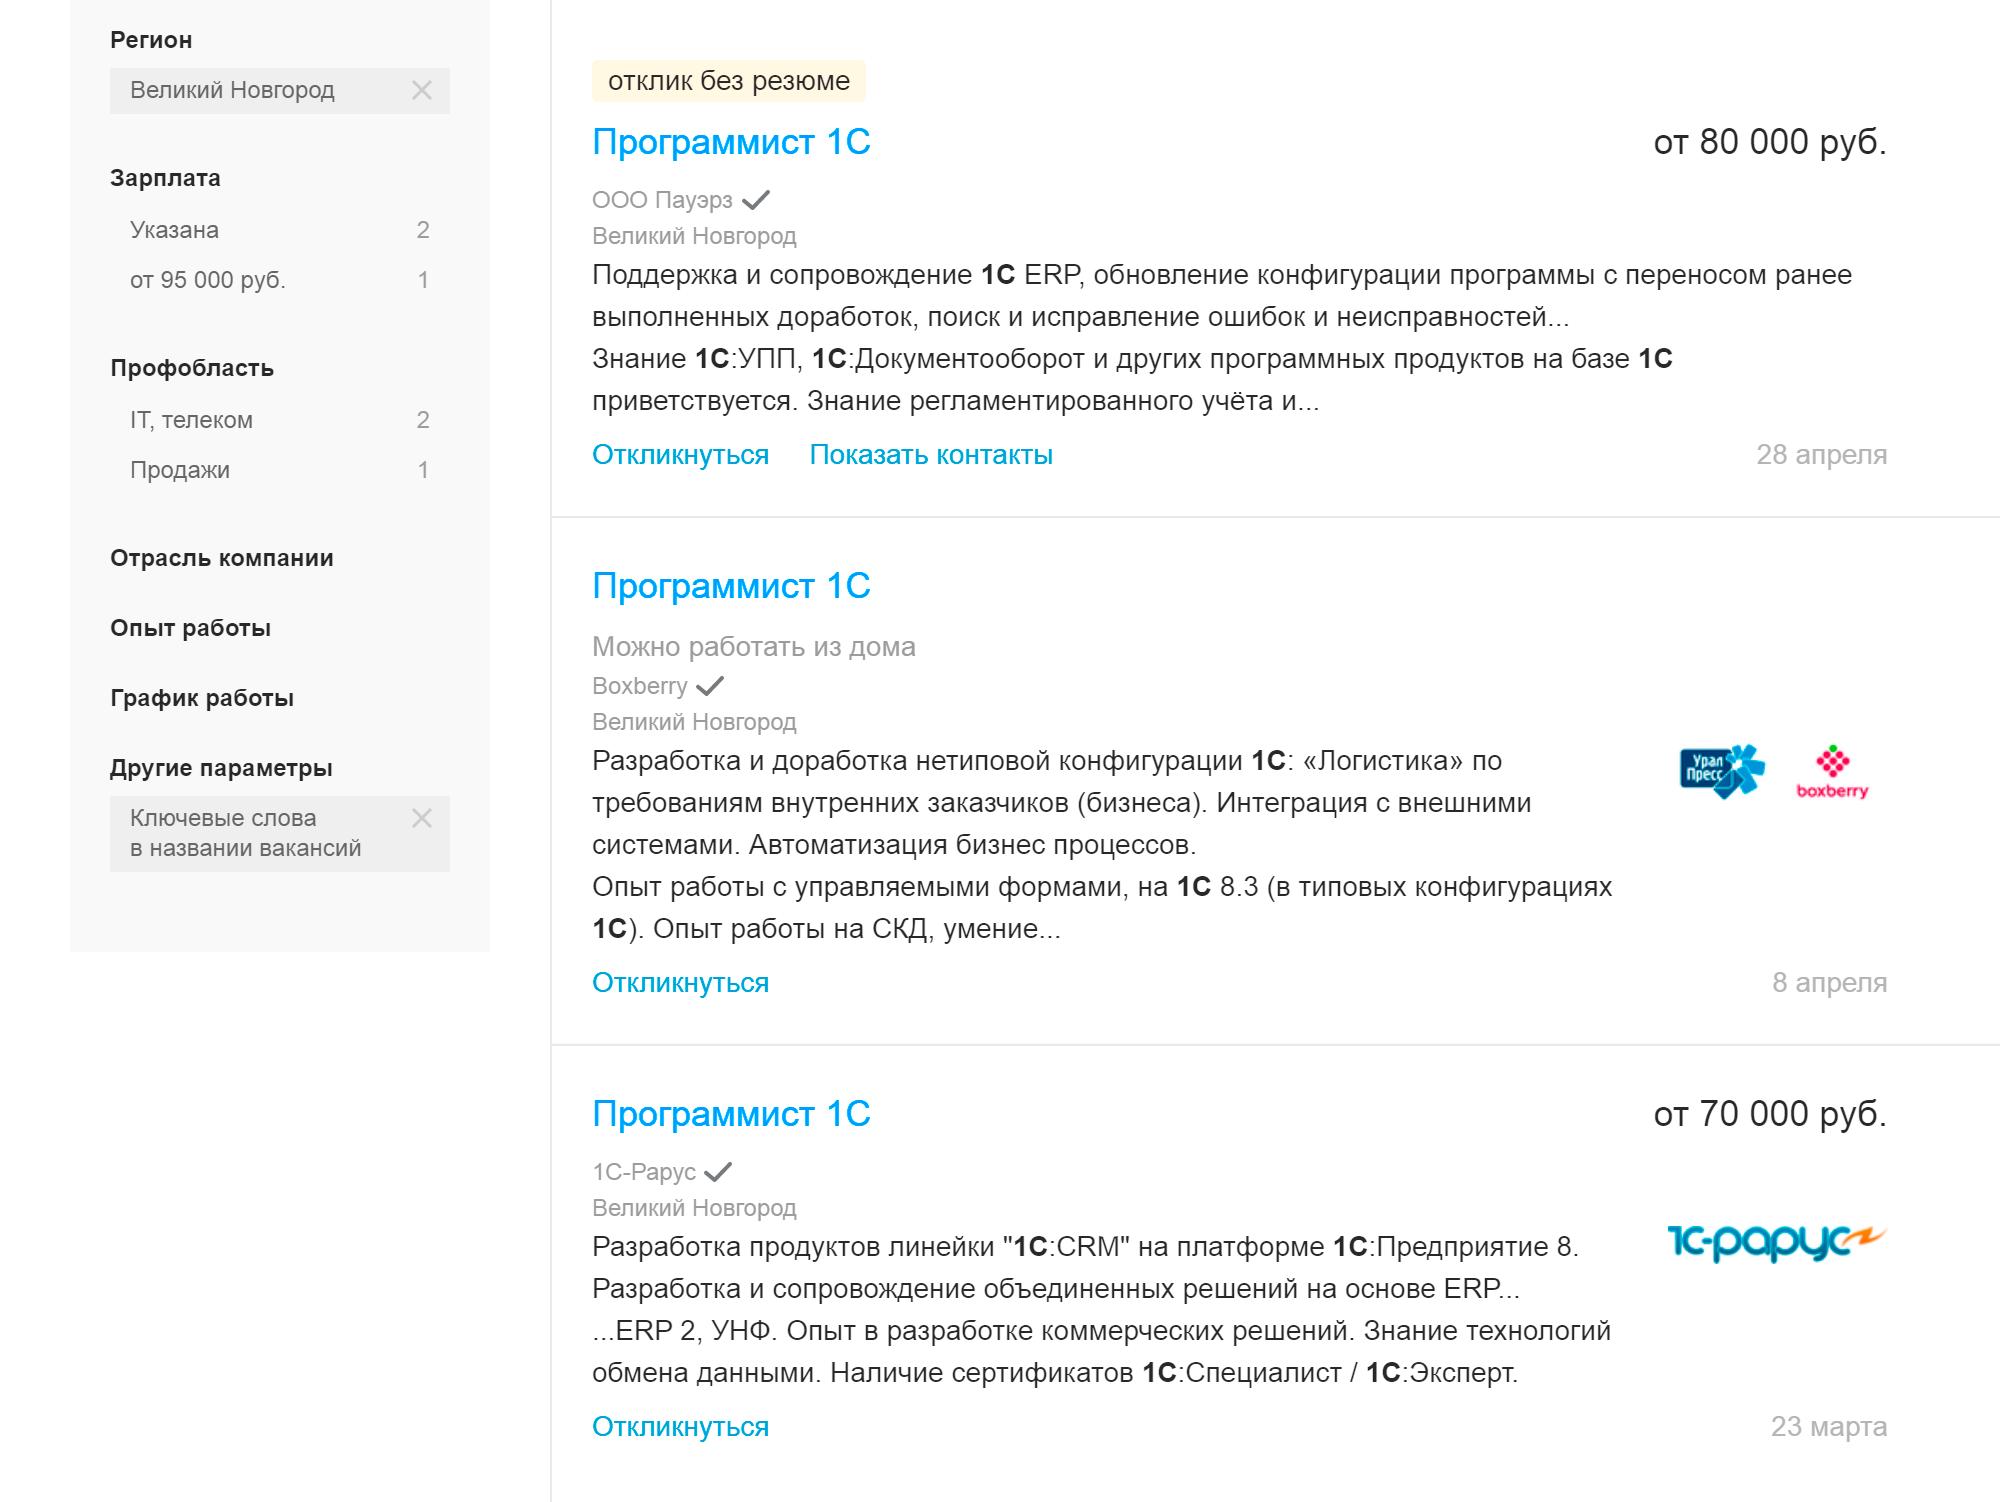 Вакансии программистов 1С выглядят заманчиво на фоне средней зарплаты в 30 тысяч